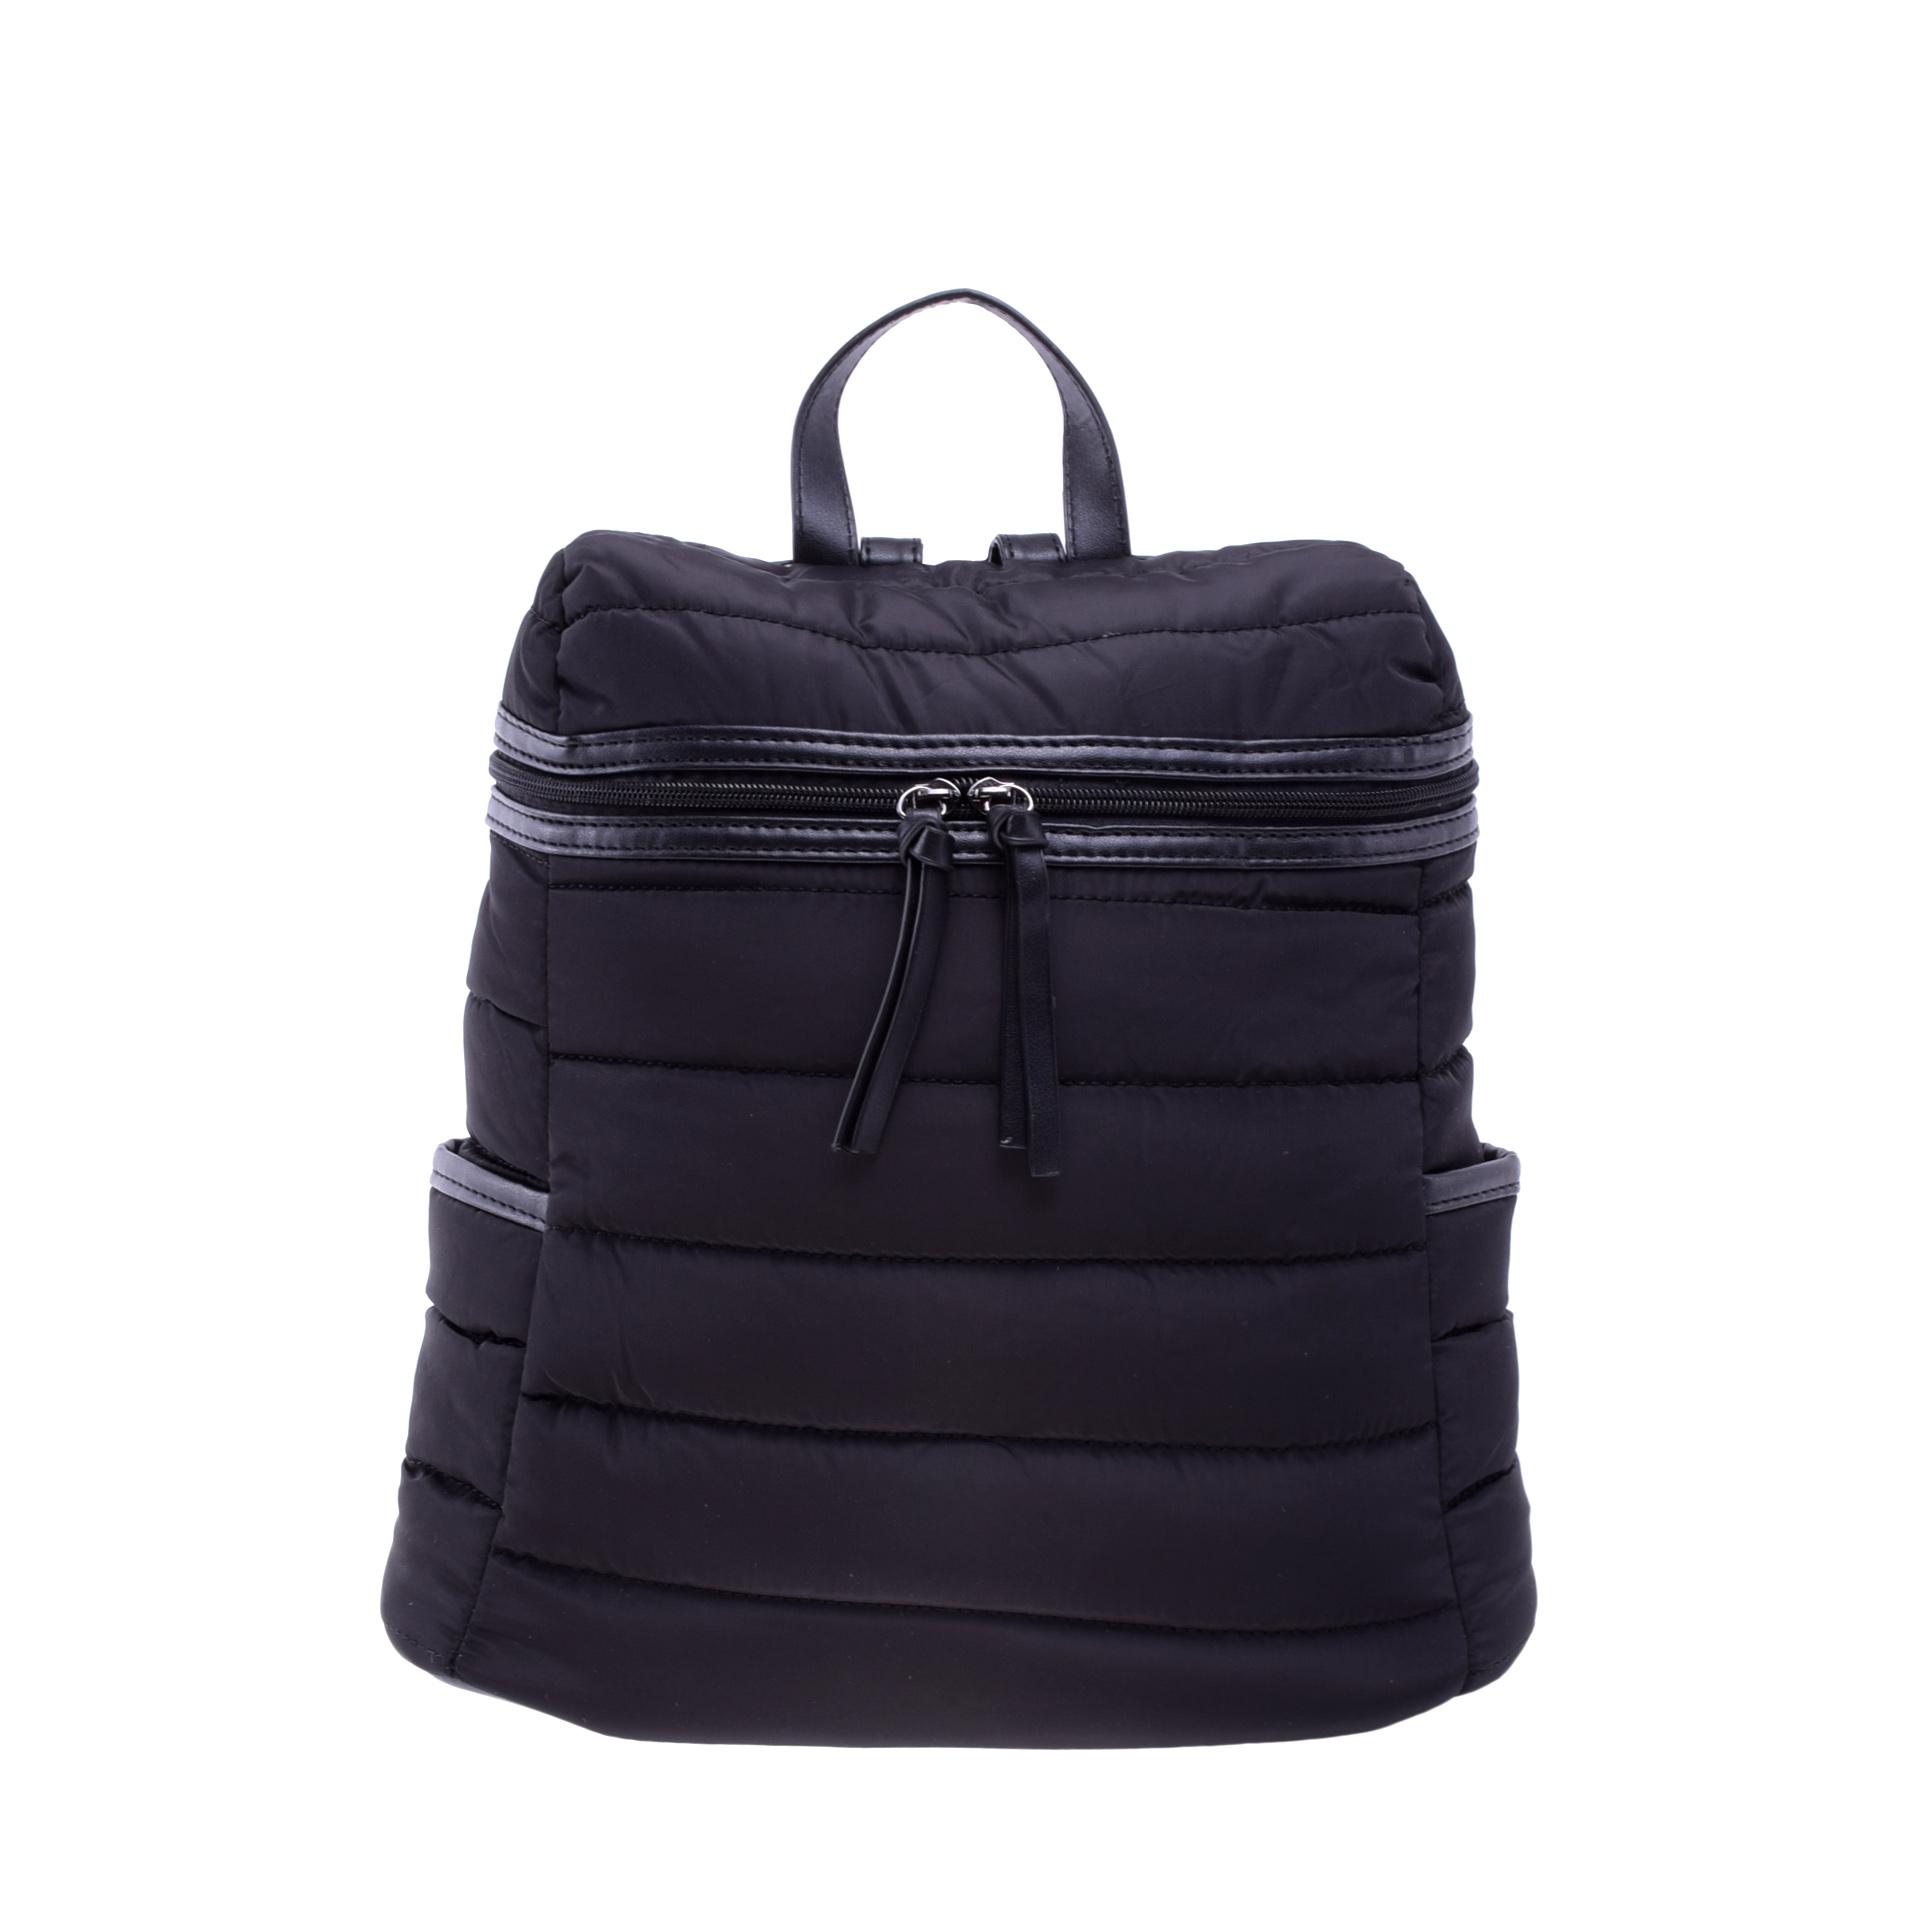 cacd21f04322 Női Fekete Poliészter Hátizsák - Női divat hátizsákok - Táska webáruház -  Minőségi táskák mindenkinek